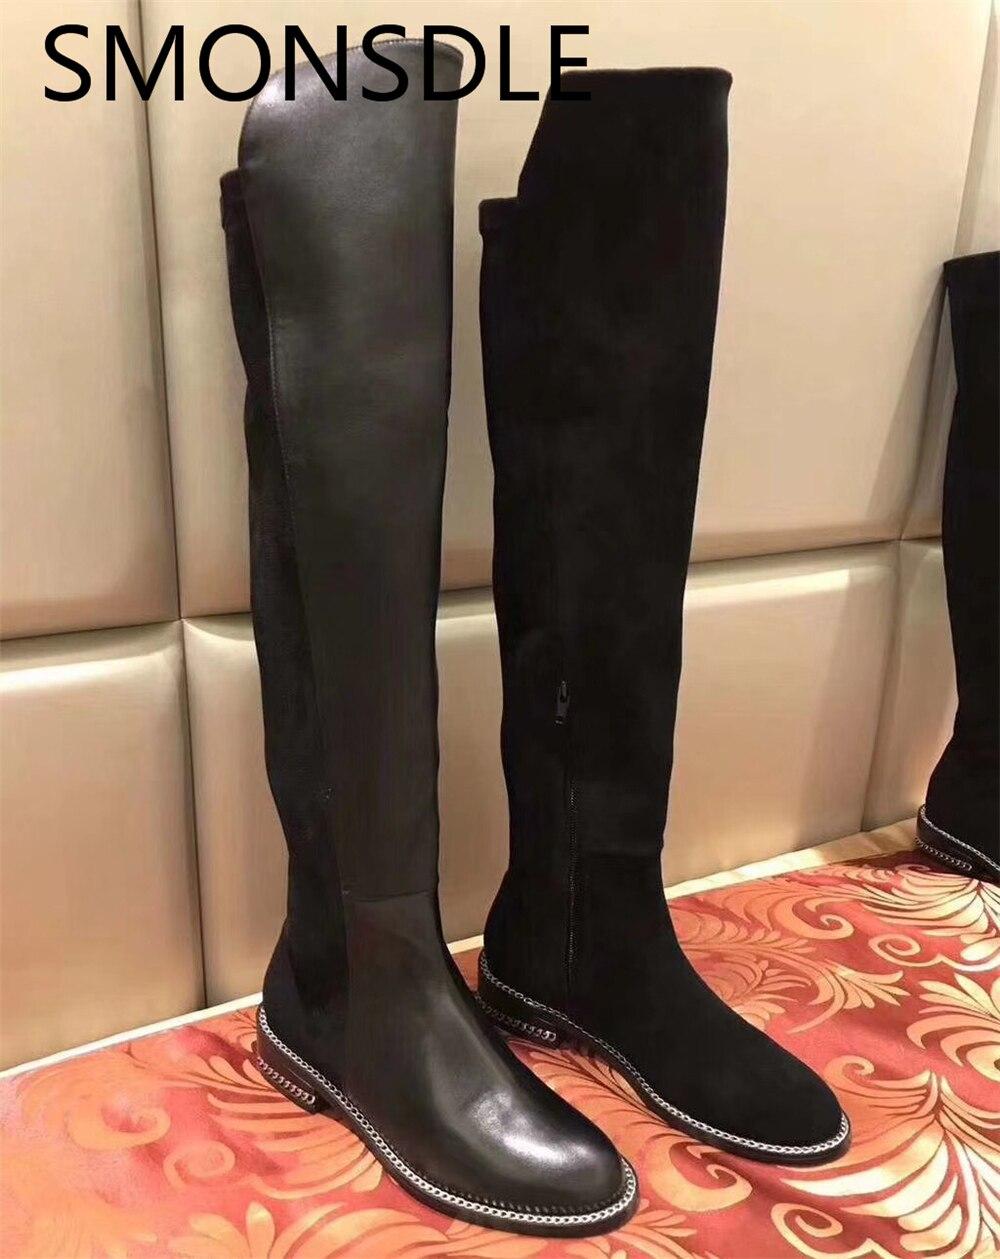 SMONSDLE новые модные черные из натуральной кожи слипоны Для женщин сапоги ботфорты с круглым носком Толстая Женская обувь на низком каблуке